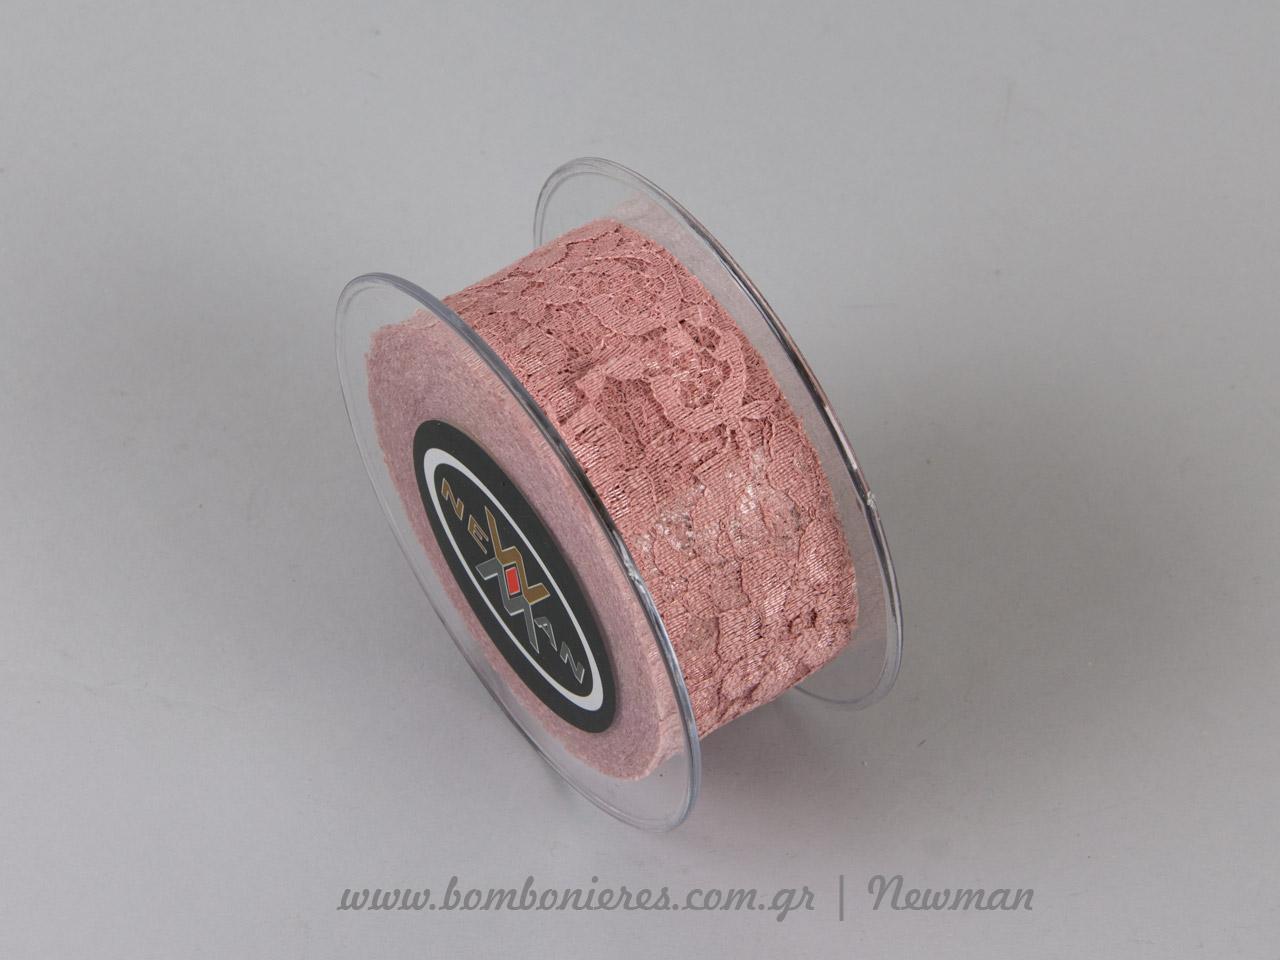 venezzia dantela 45mm 092064 δαντέλα παλιό ροζ χρώμα